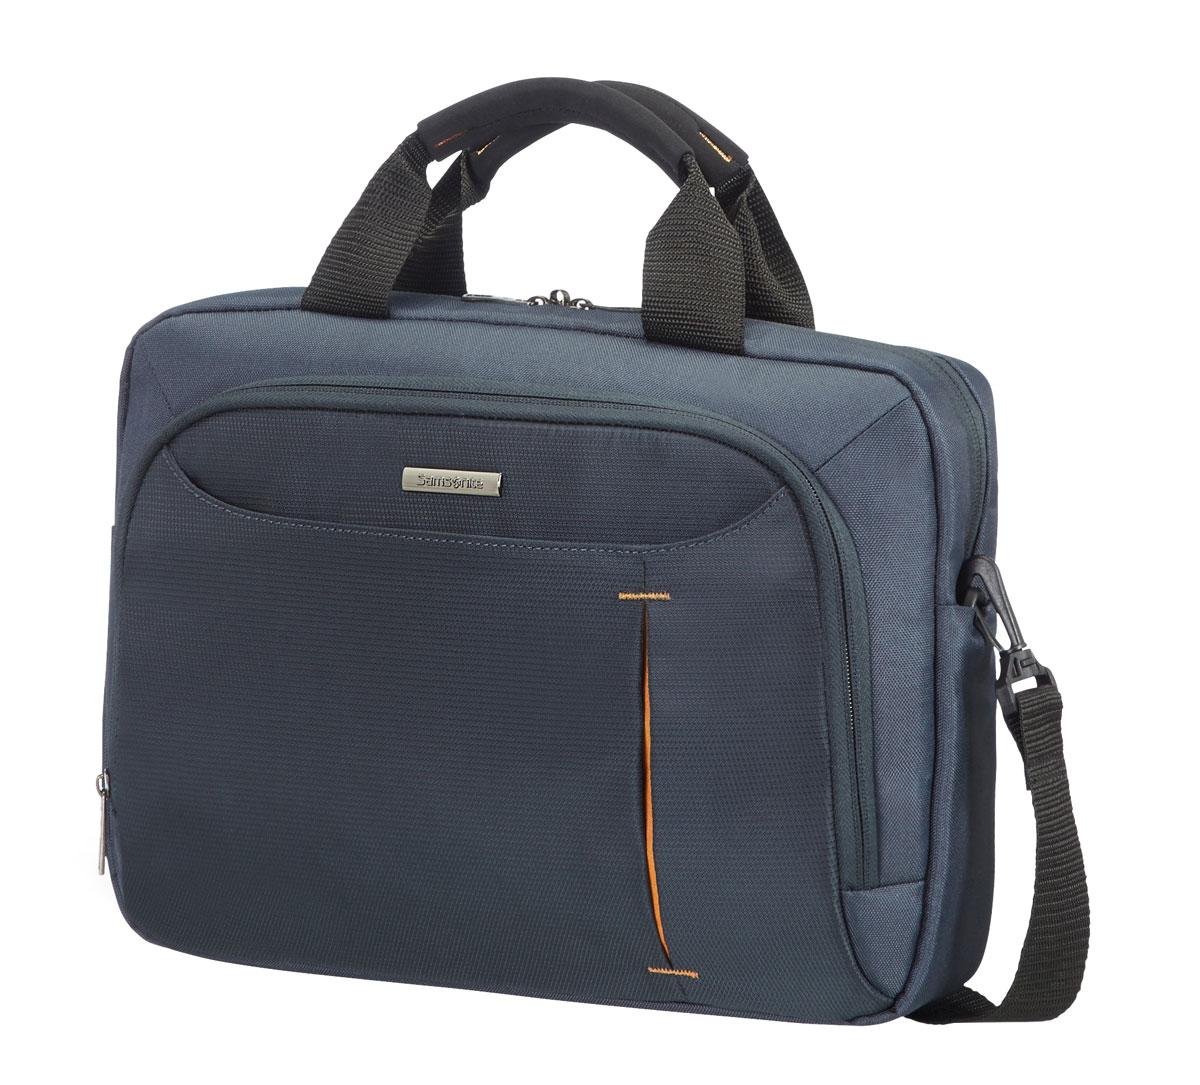 Сумка для ноутбука Samsonite, цвет: серый. 88U*0800188U*08001